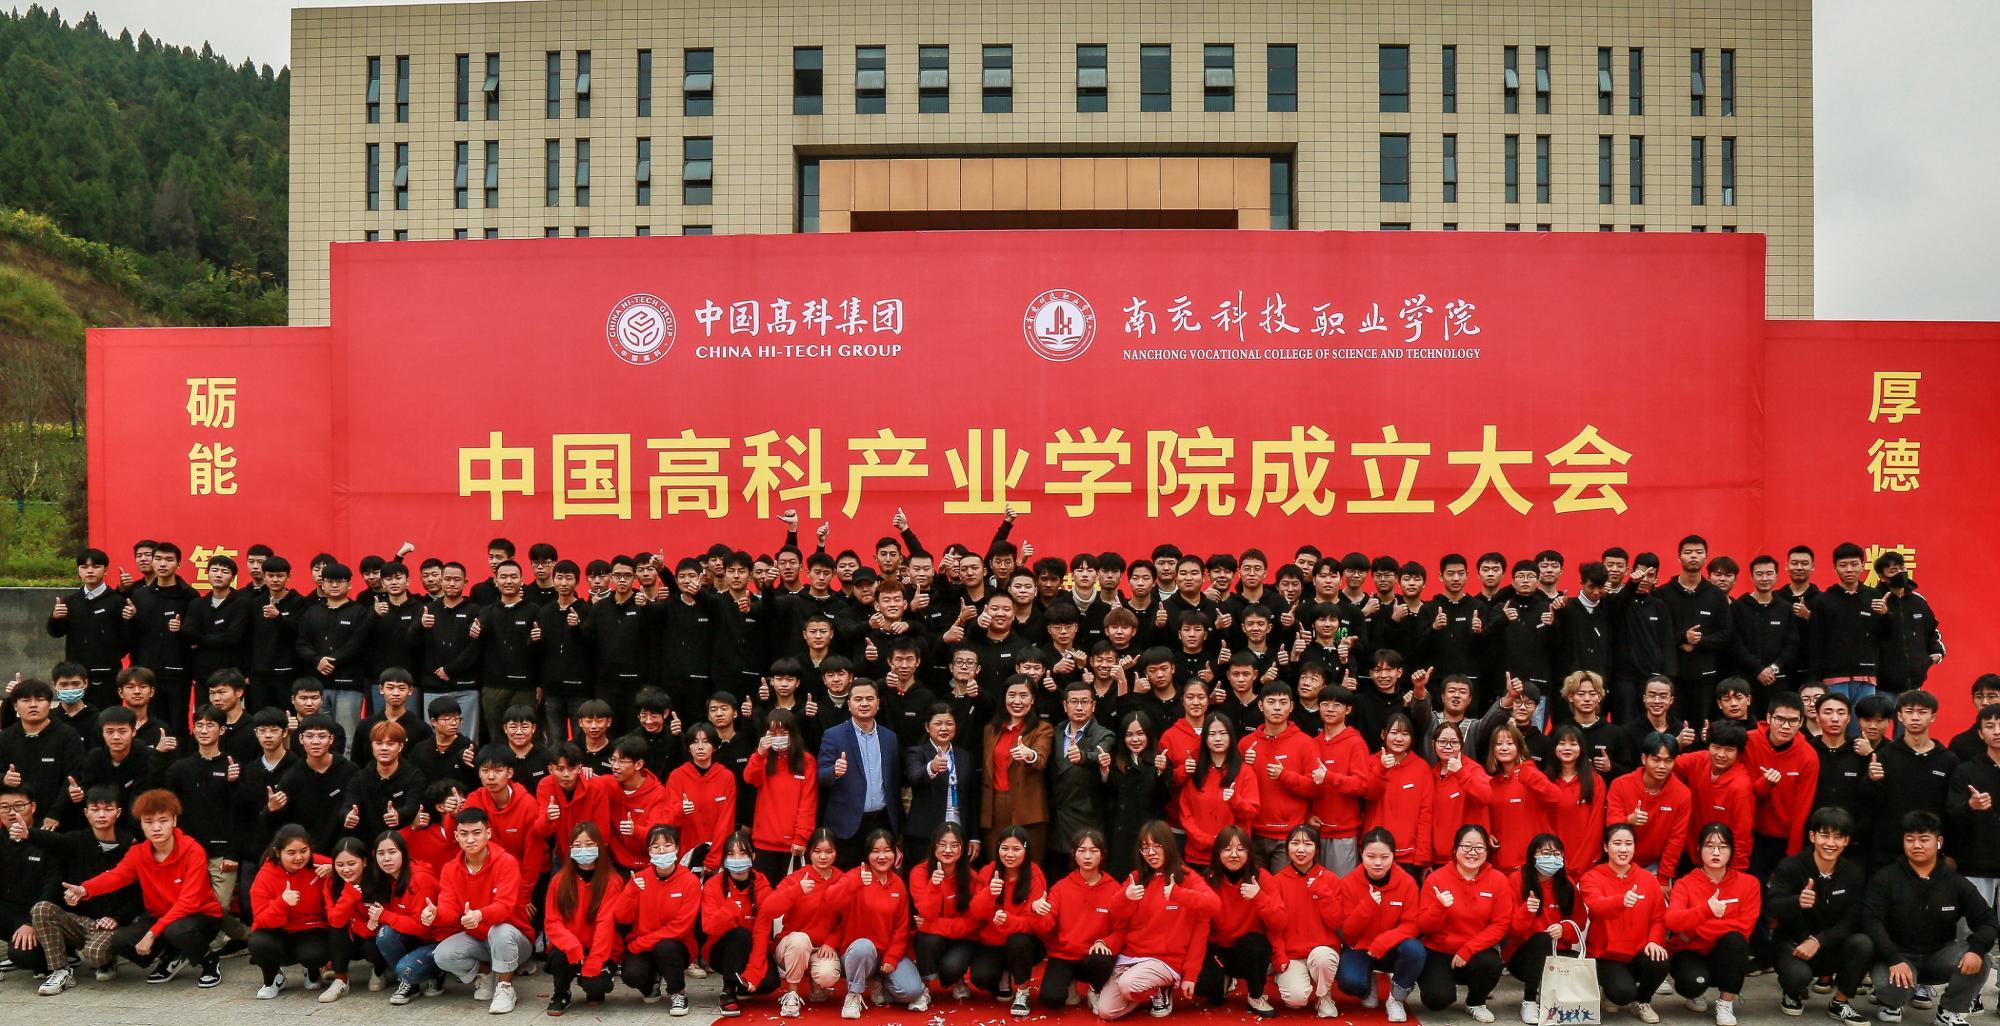 南充科技职业学院与中国高科集团共建中国高科产业学院